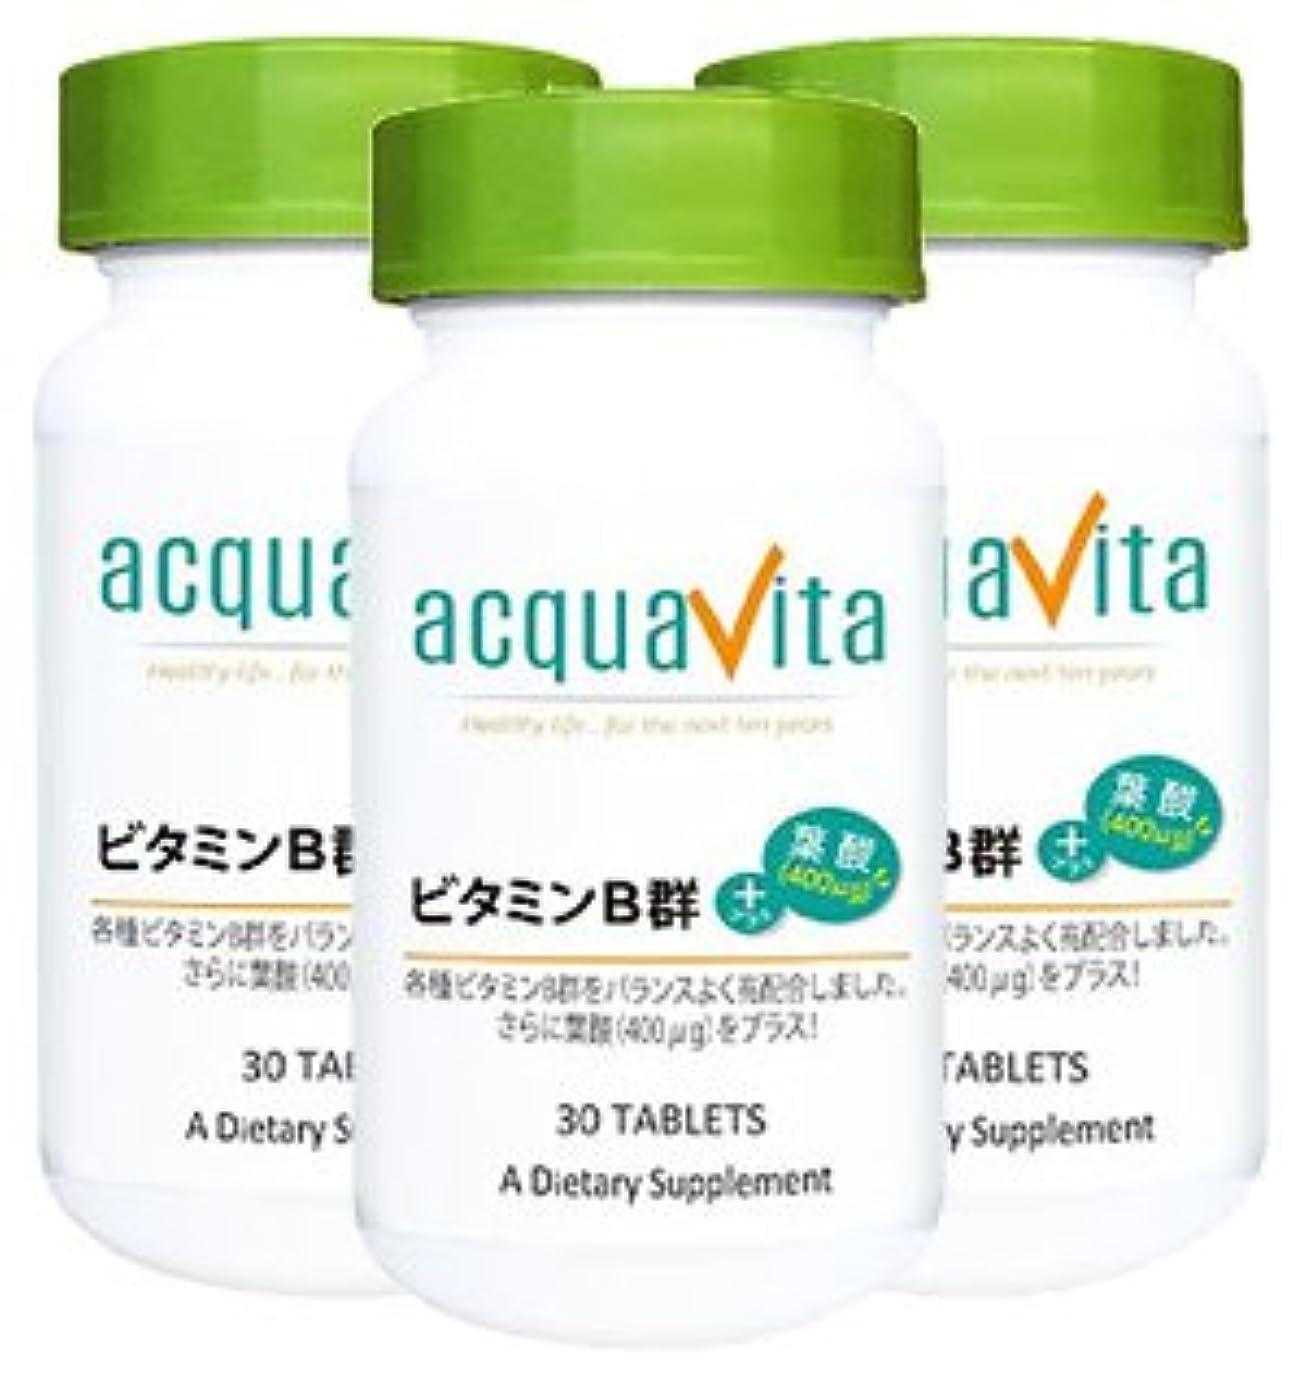 推進、動かす飲み込む実行可能アクアヴィータ ビタミンB群100&葉酸400μg(アクアビータ?Acquavita)【3本セット】